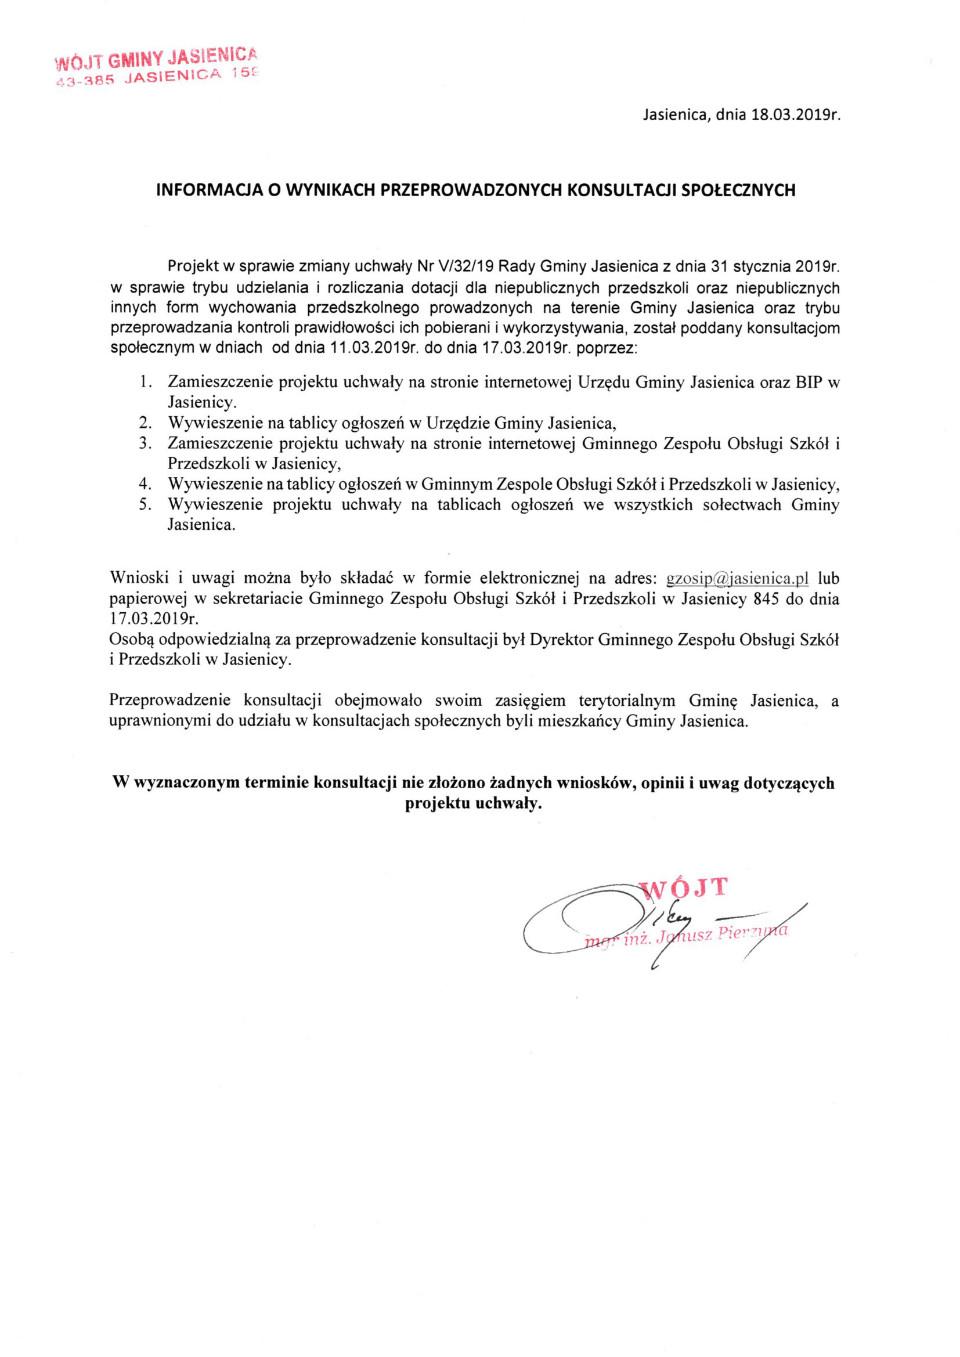 Informacja o wynikach przeprowadzonych konsultacji społecznych